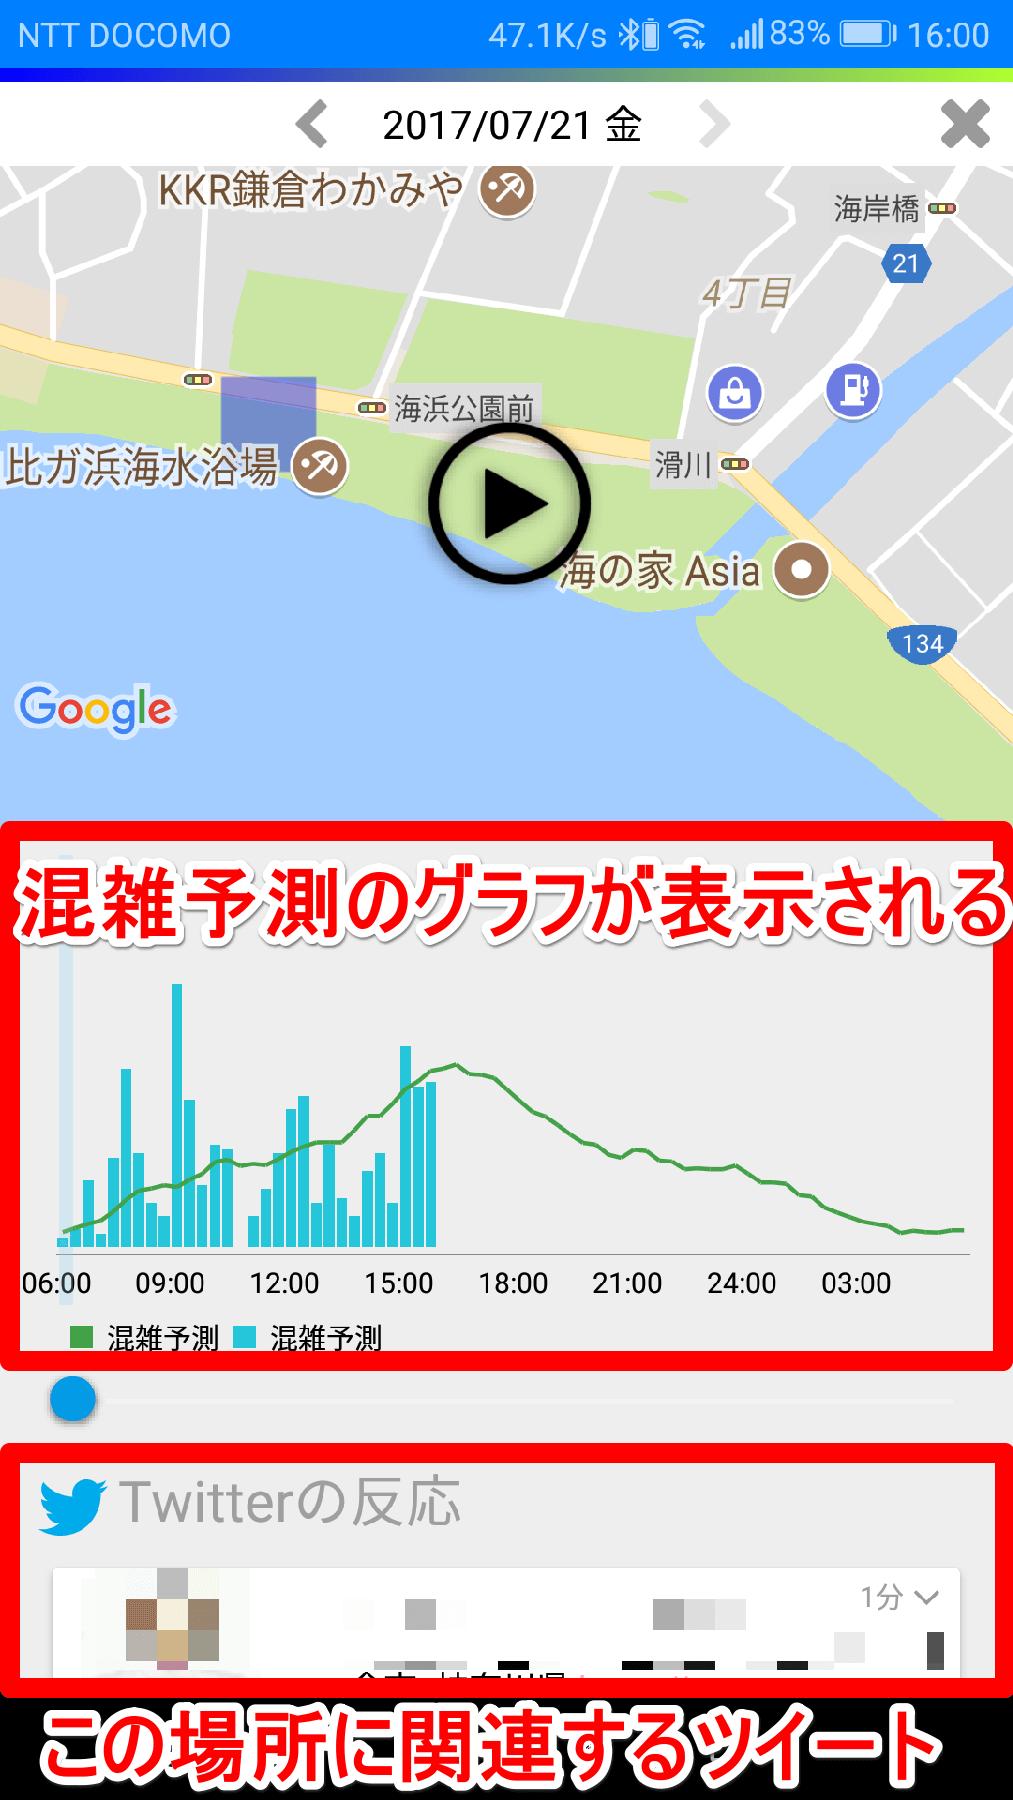 [混雑マップ]アプリで混雑予測のグラフを表示した画面